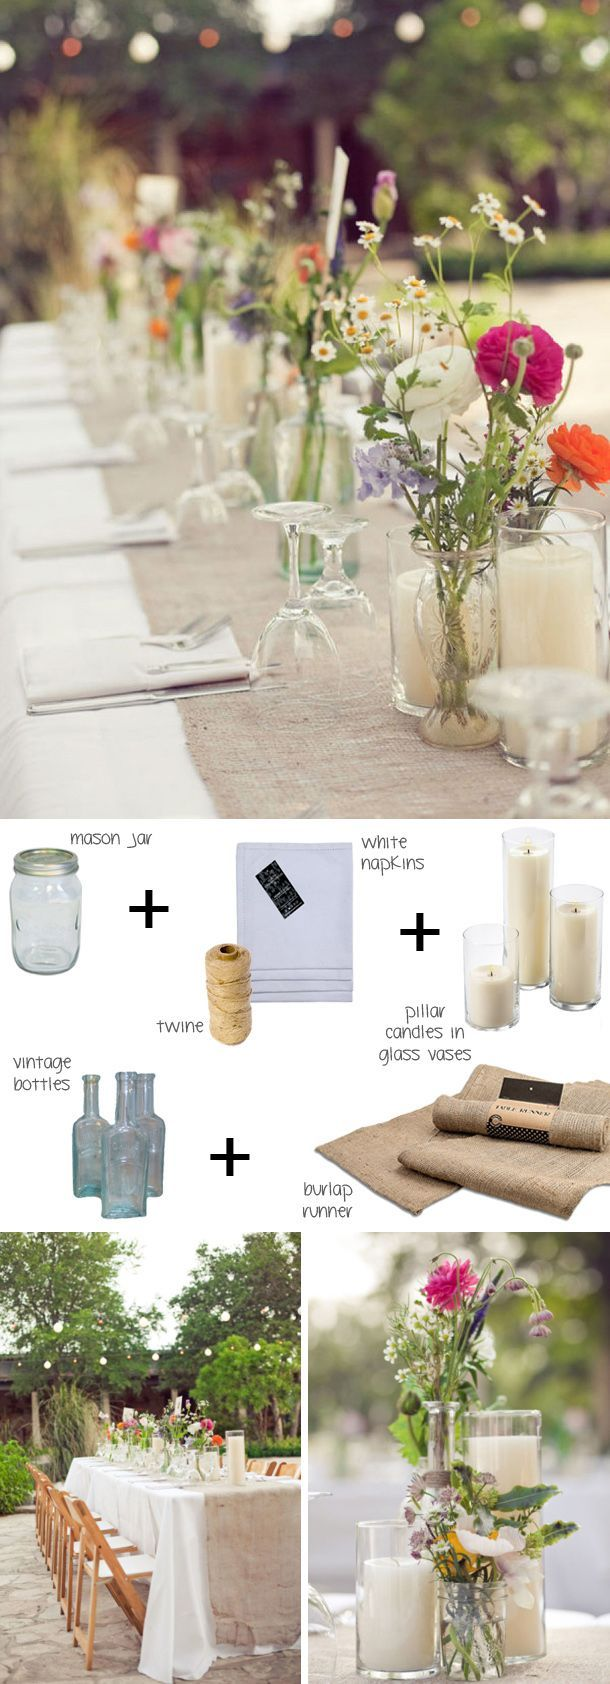 So gestalten Sie eine Boho-Tabellenlandschaft (Budget-Boho) | SouthBound Bride www.southboundbr …   – blog